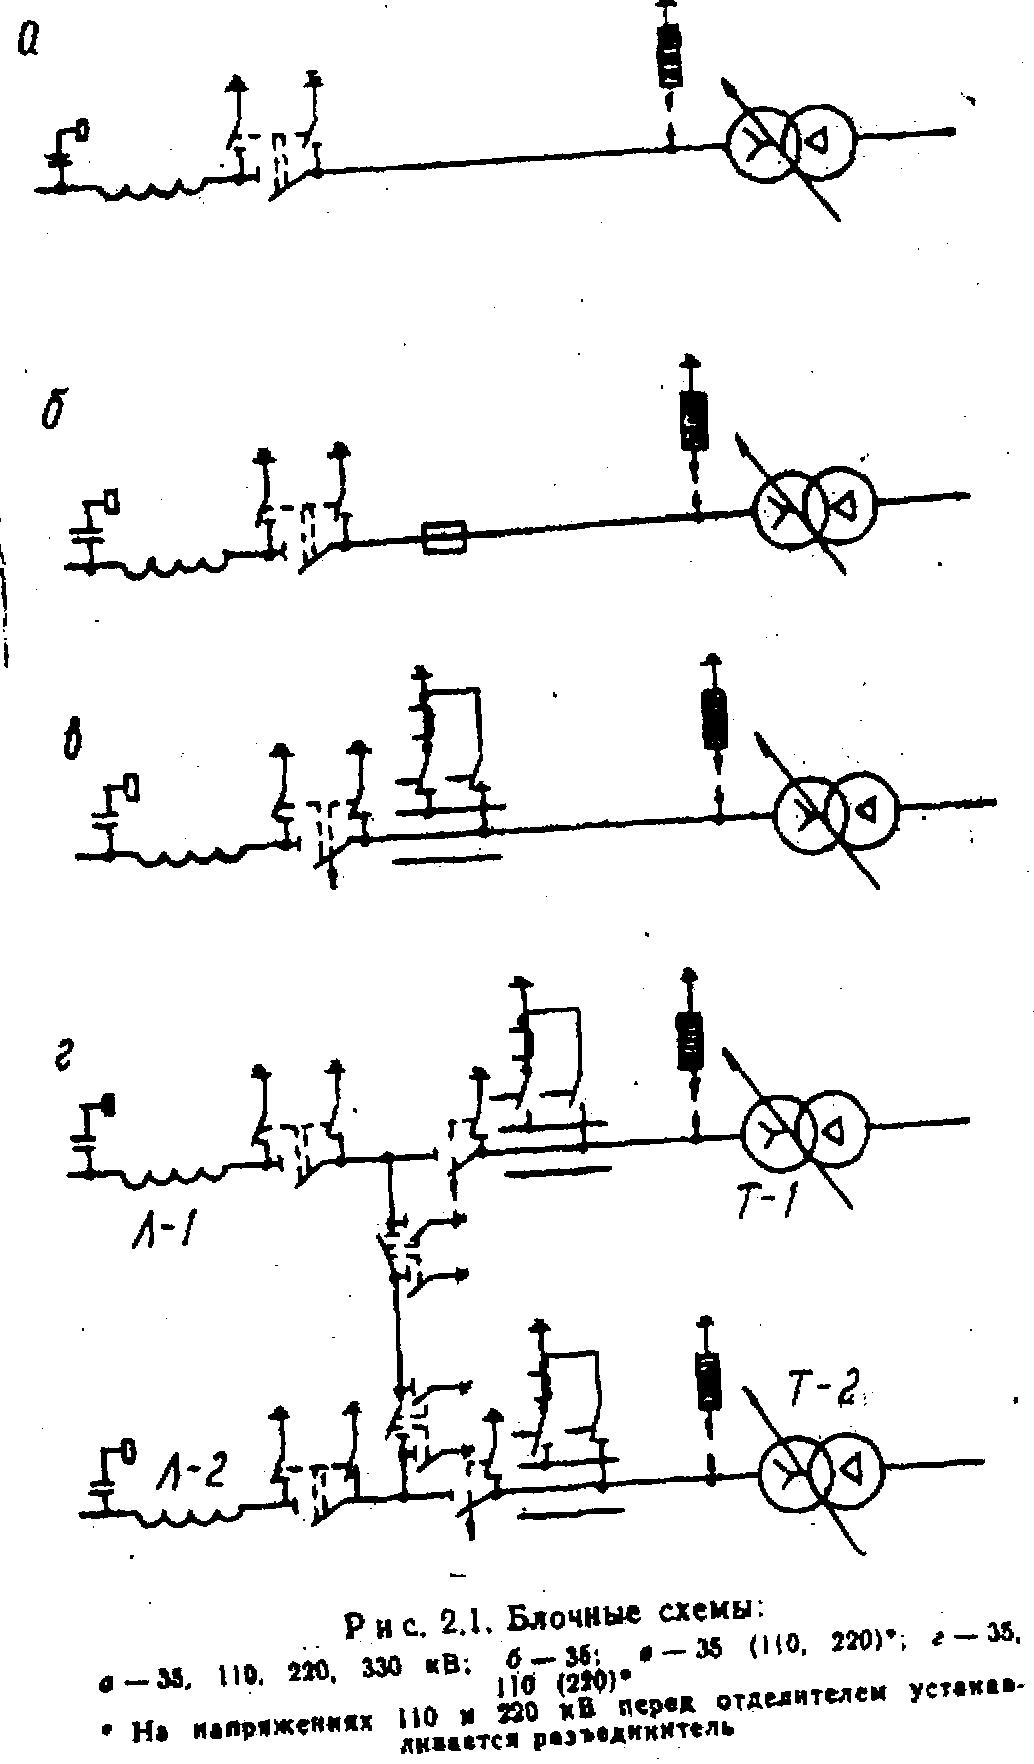 двух сторонея схема выключателем